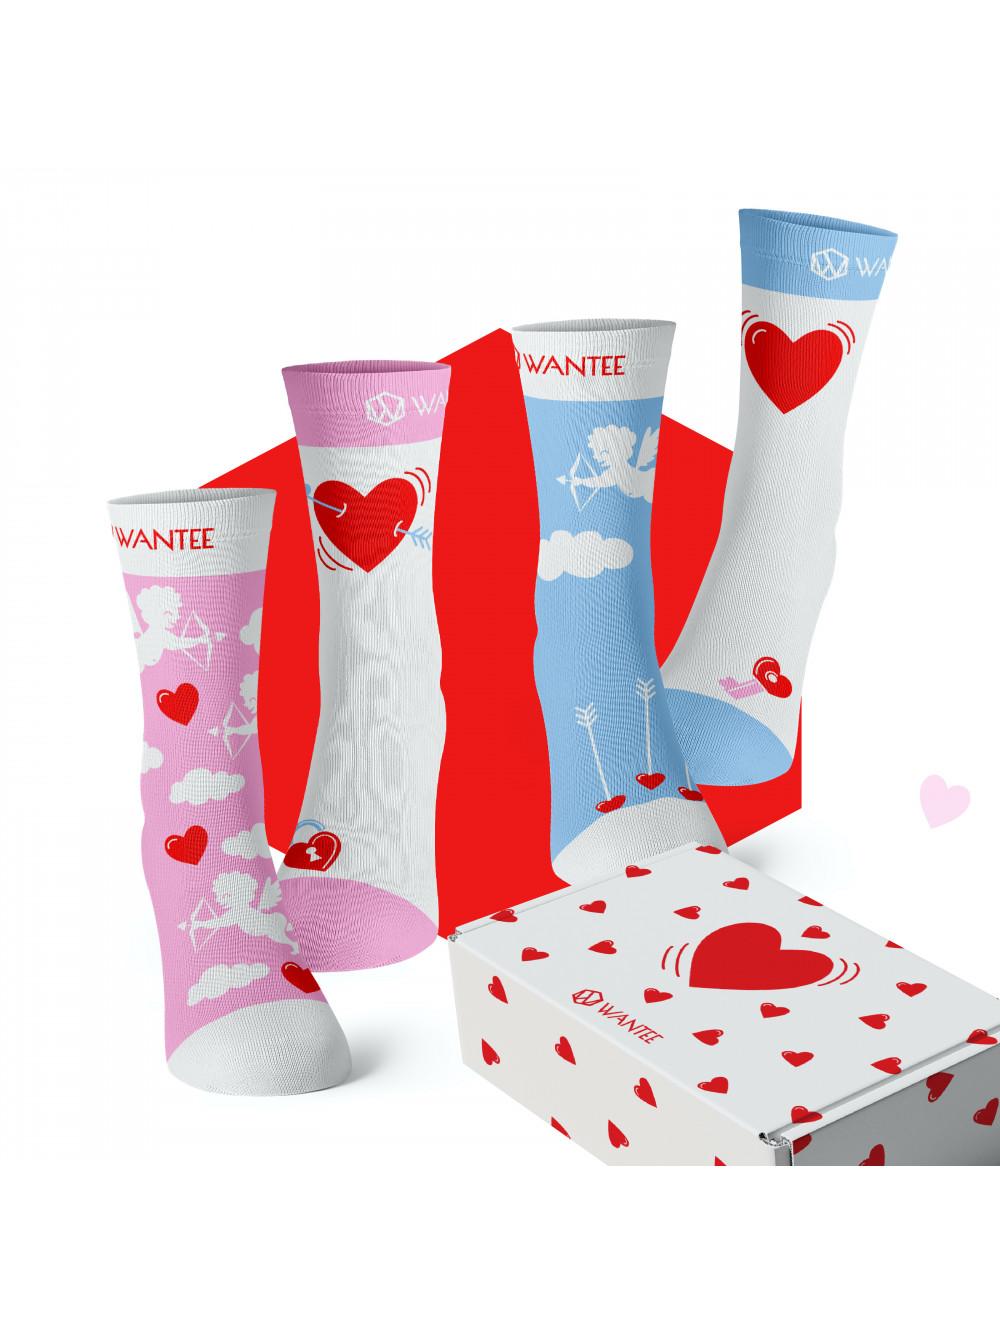 Wantee Valentin-napi ajándékdoboz pároknak